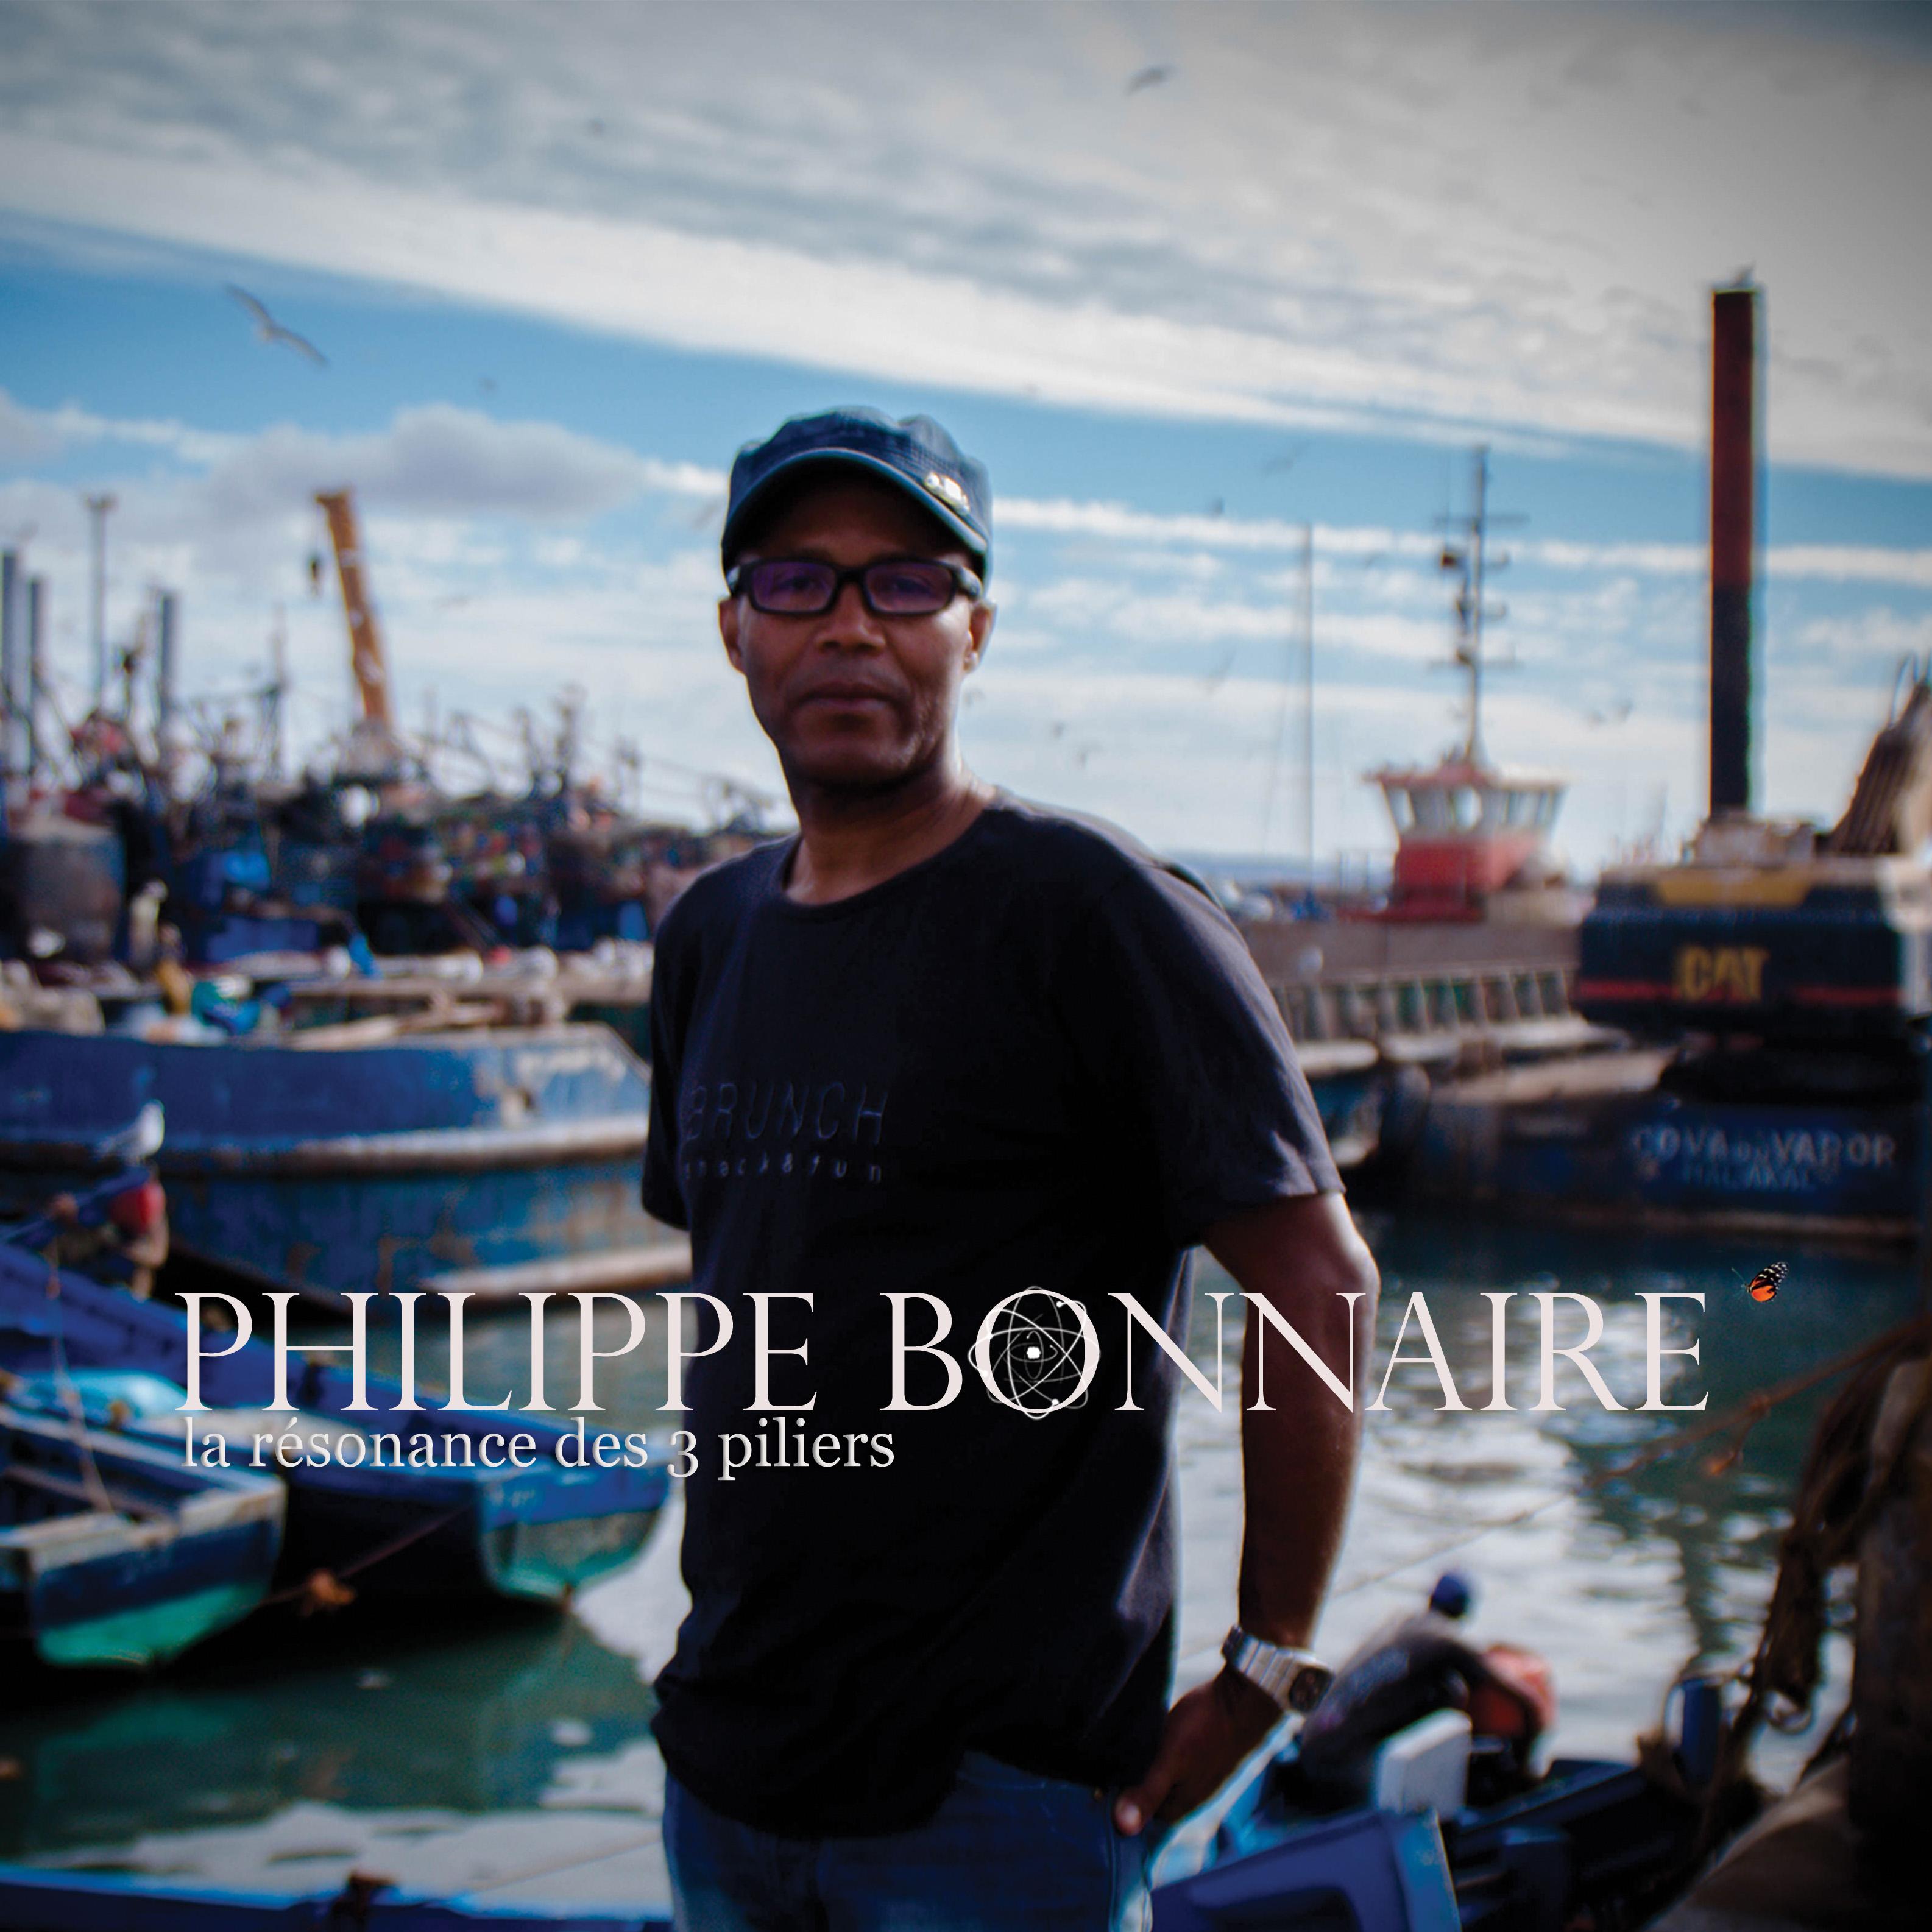 Philippe Bonnaire